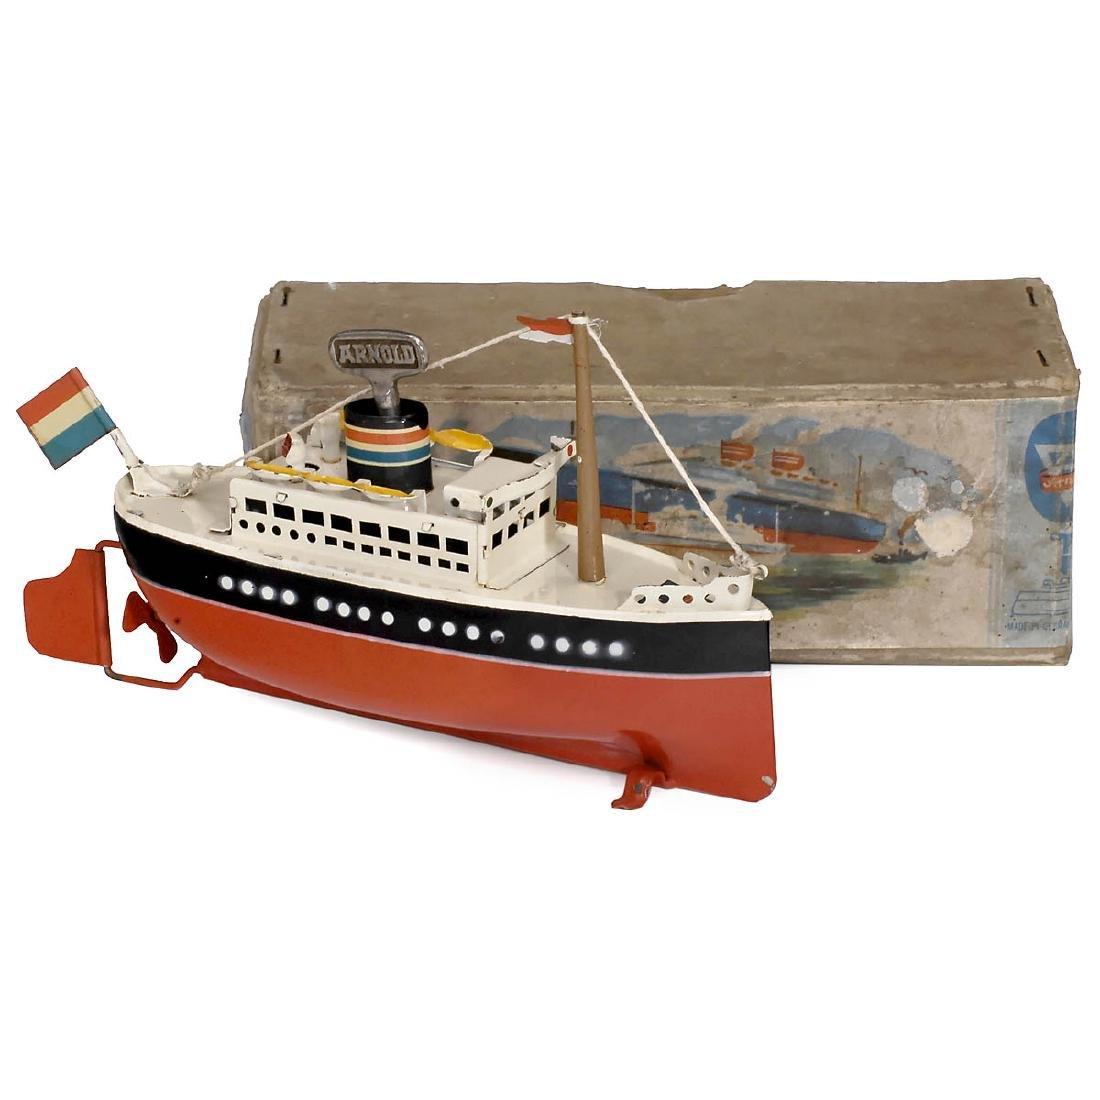 Arnold Ocean Liner No. 2025/16, c. 1950